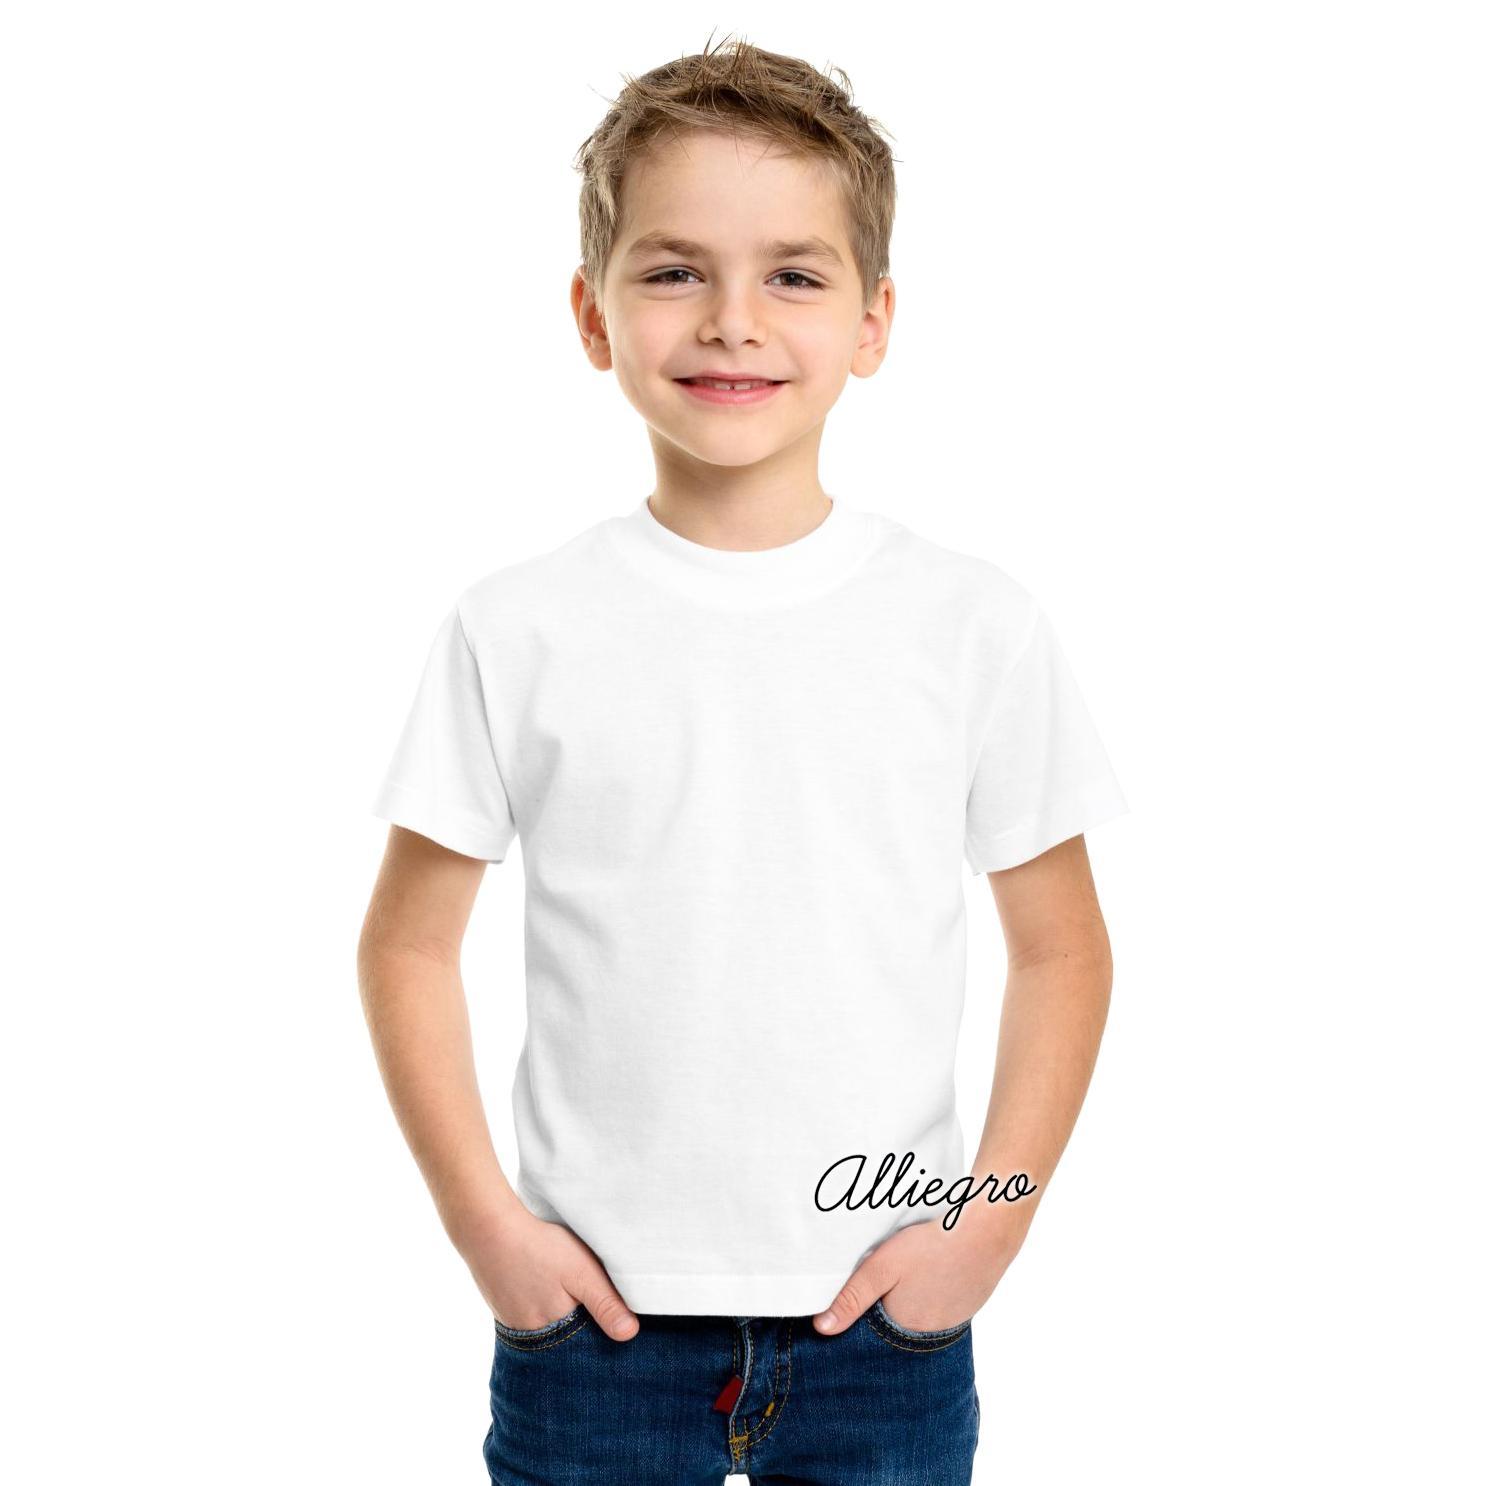 Jual Baju Atasan Anak Laki Setelan Cowo Tosca Tee Softjeans Alliegro Kaos Polos Cotton Distro Premium Putih